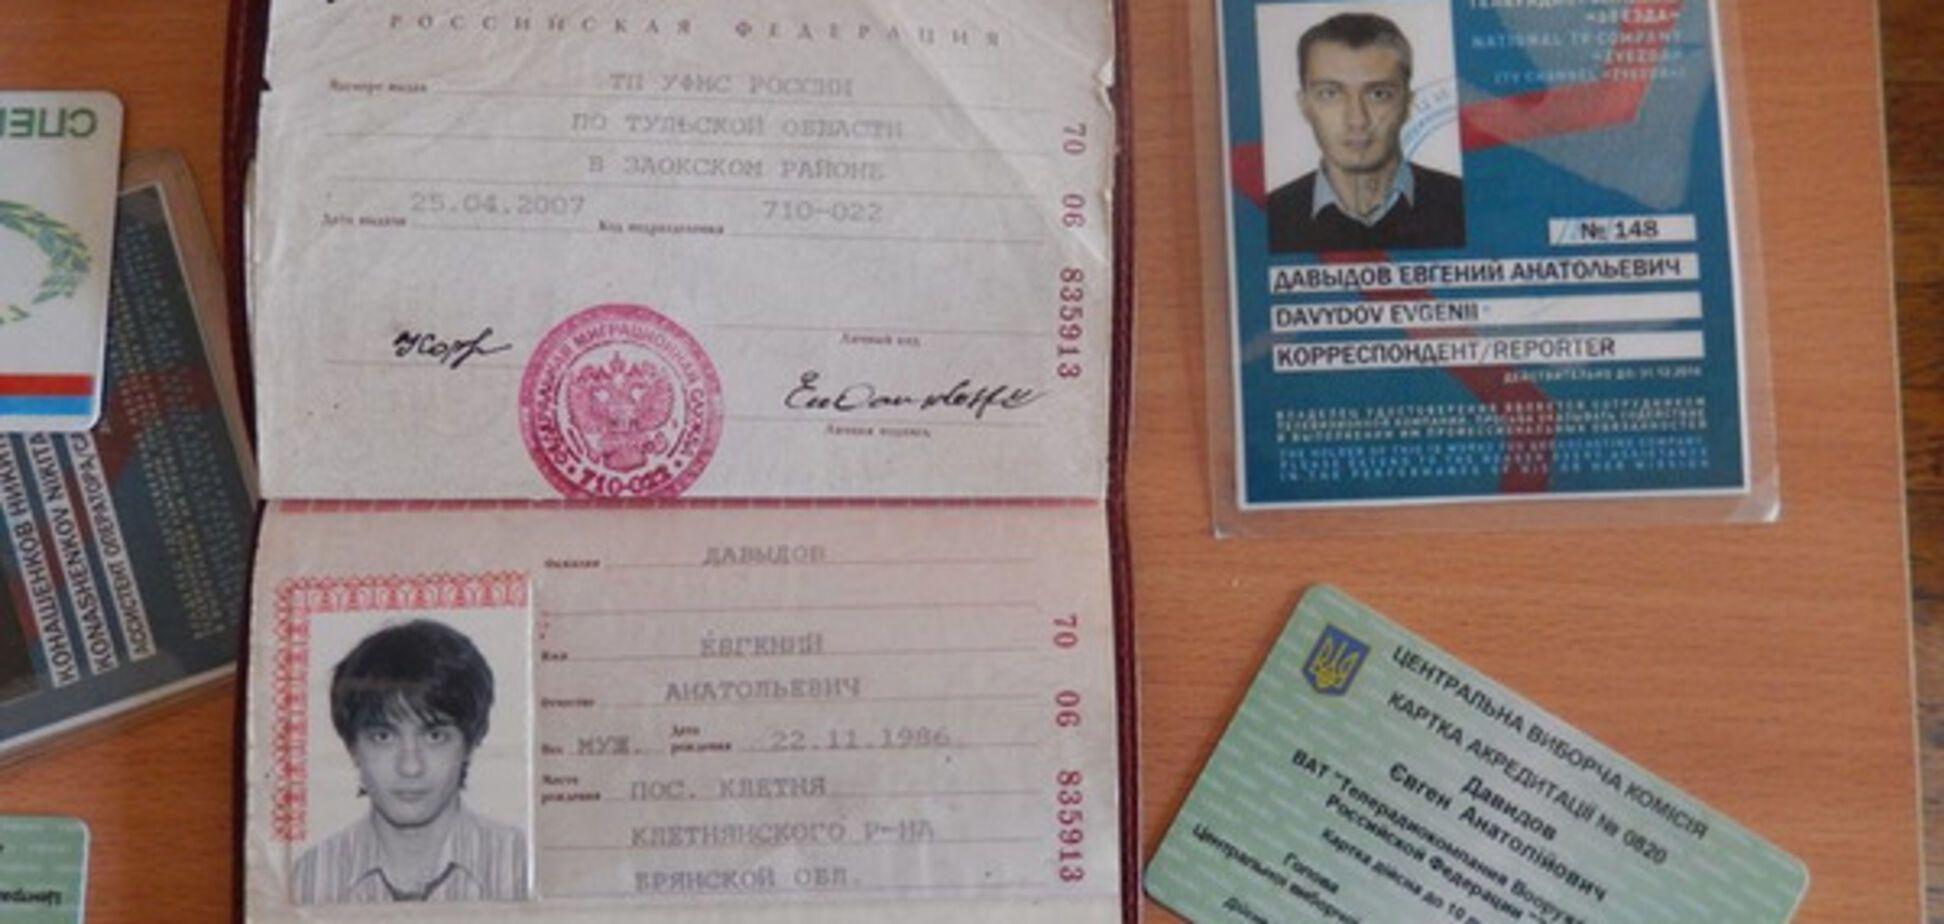 Следком РФ назначил виновного в 'похищении' кремлевских пропагандистов